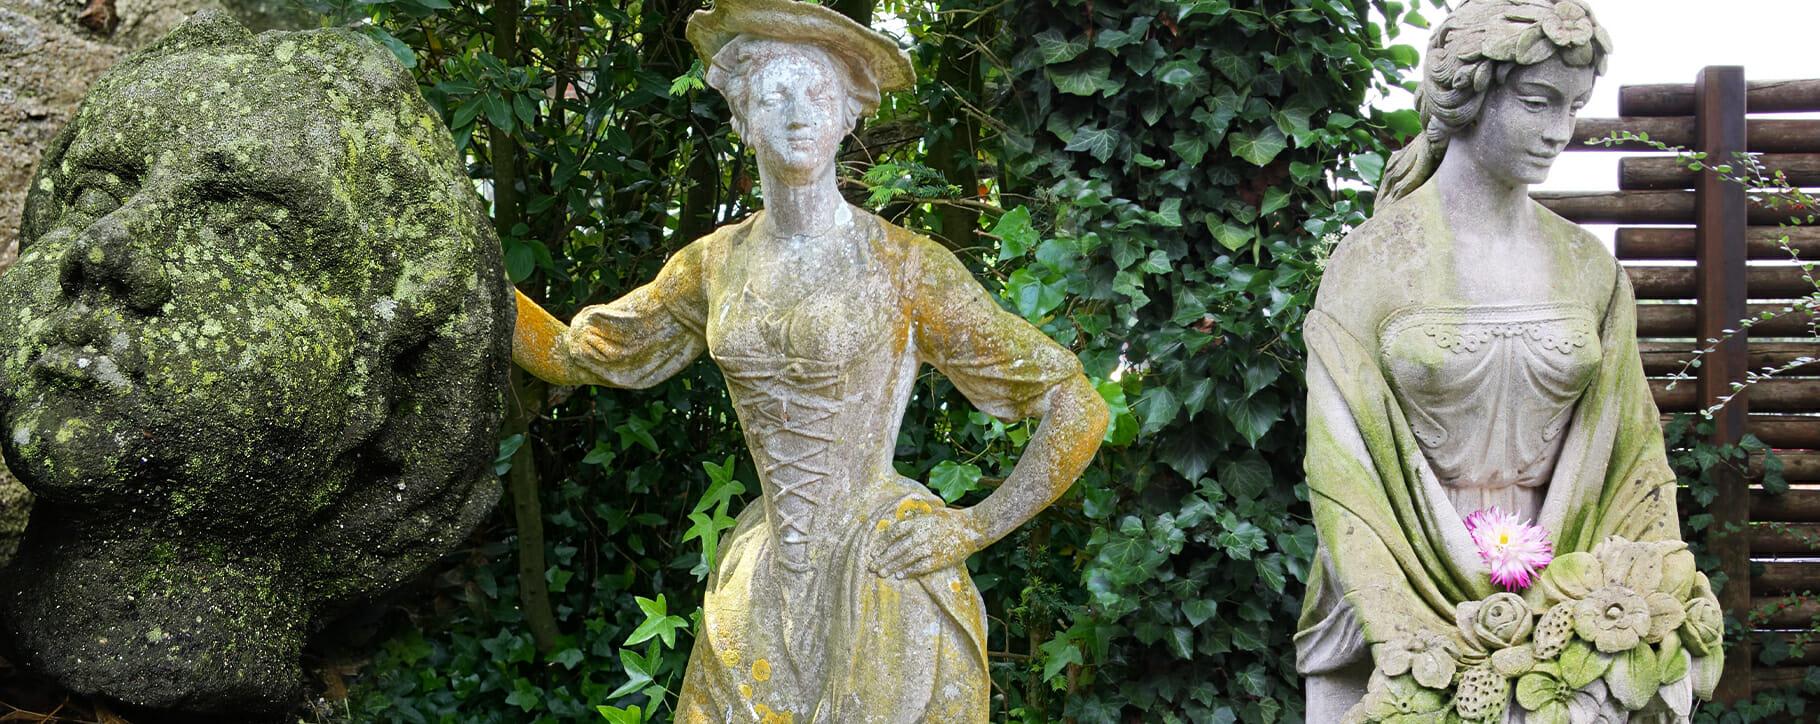 Statue Moss Lichen Damage